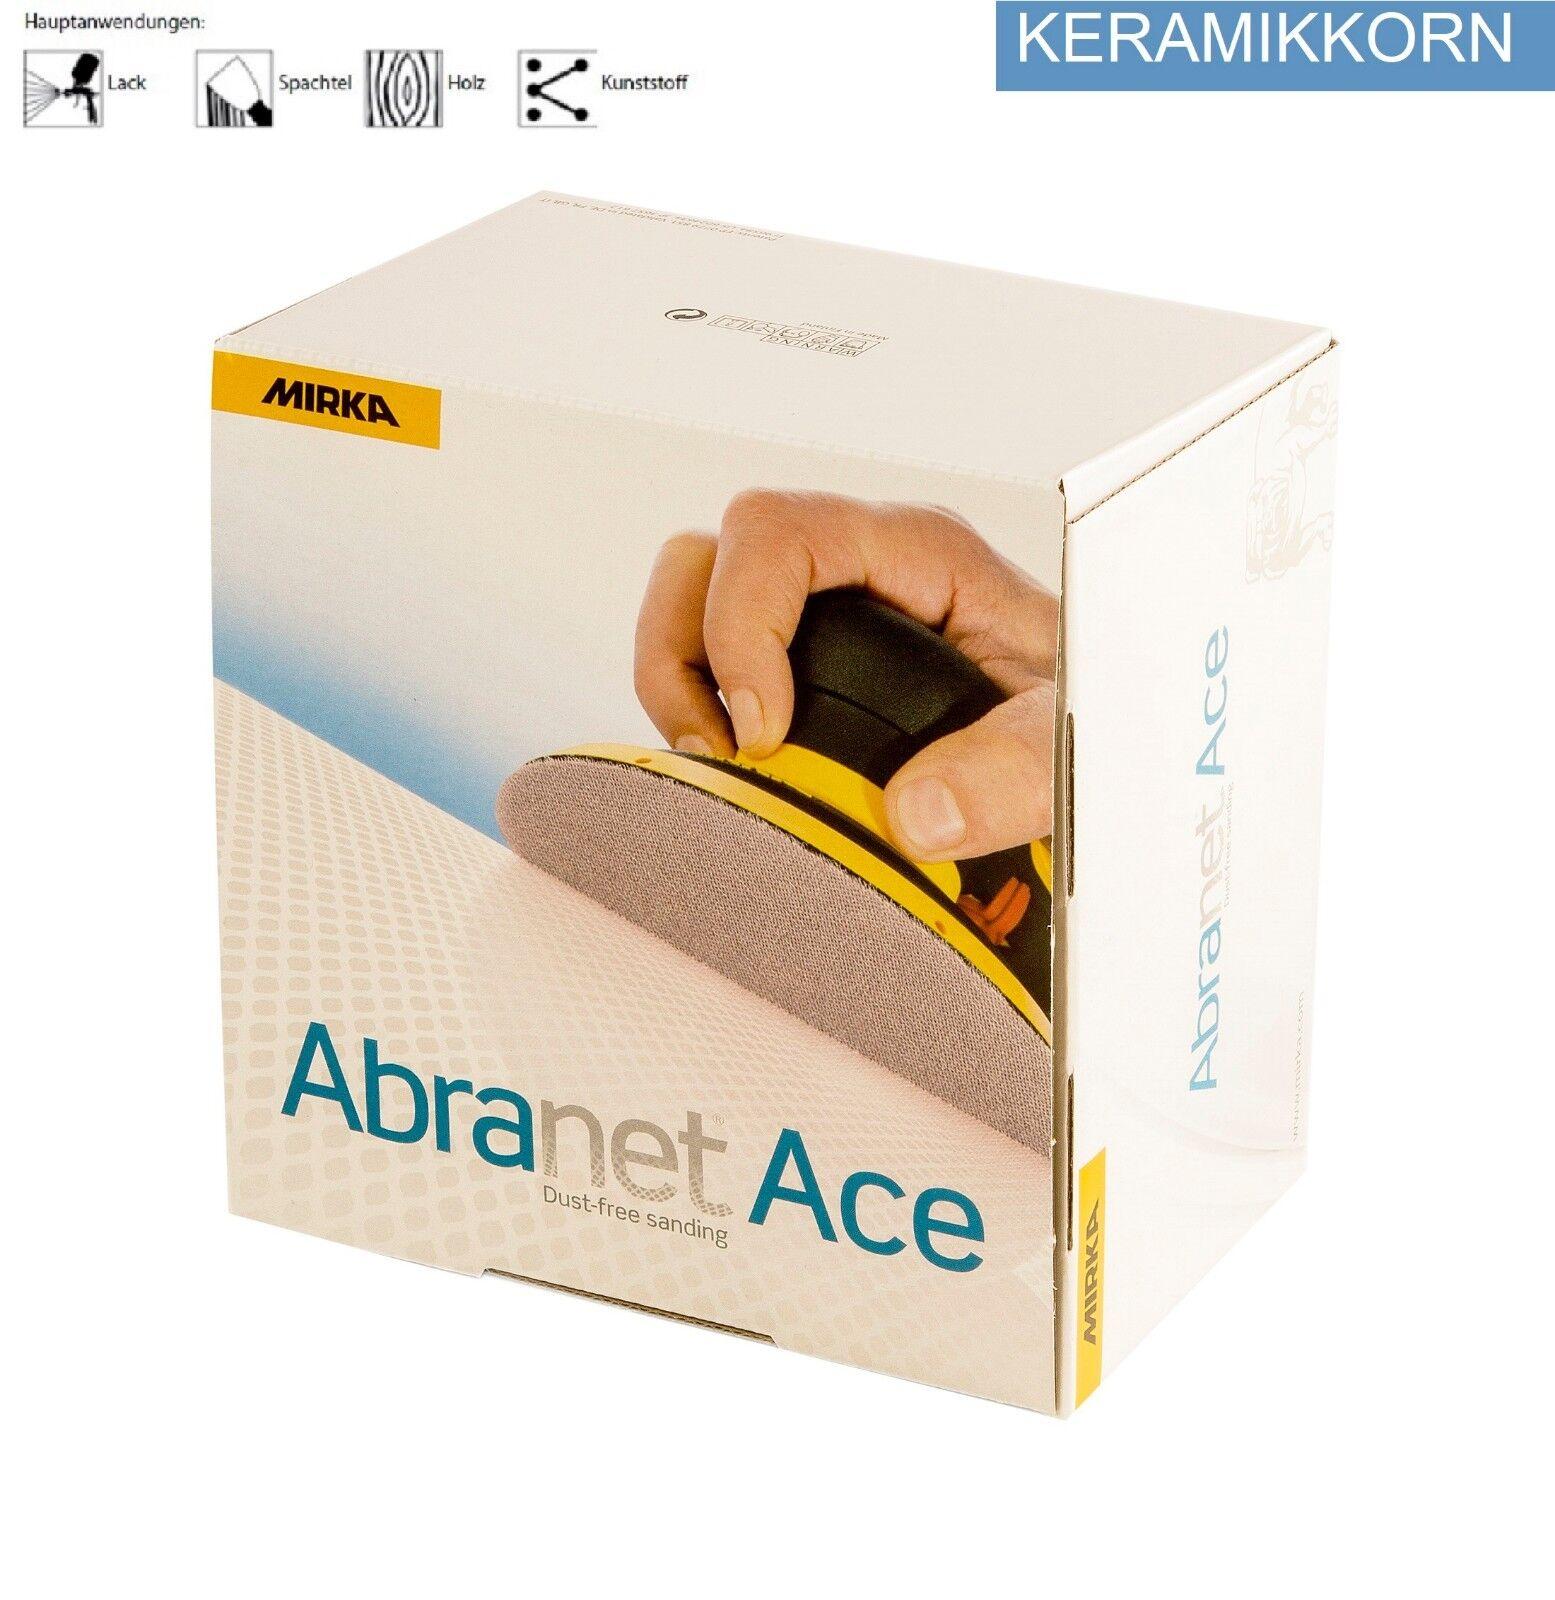 Mirka Abranet ACE Schleifscheiben Netzgitter Netzgitter Netzgitter Größen 77,125,150 mm wählbar 0495a1